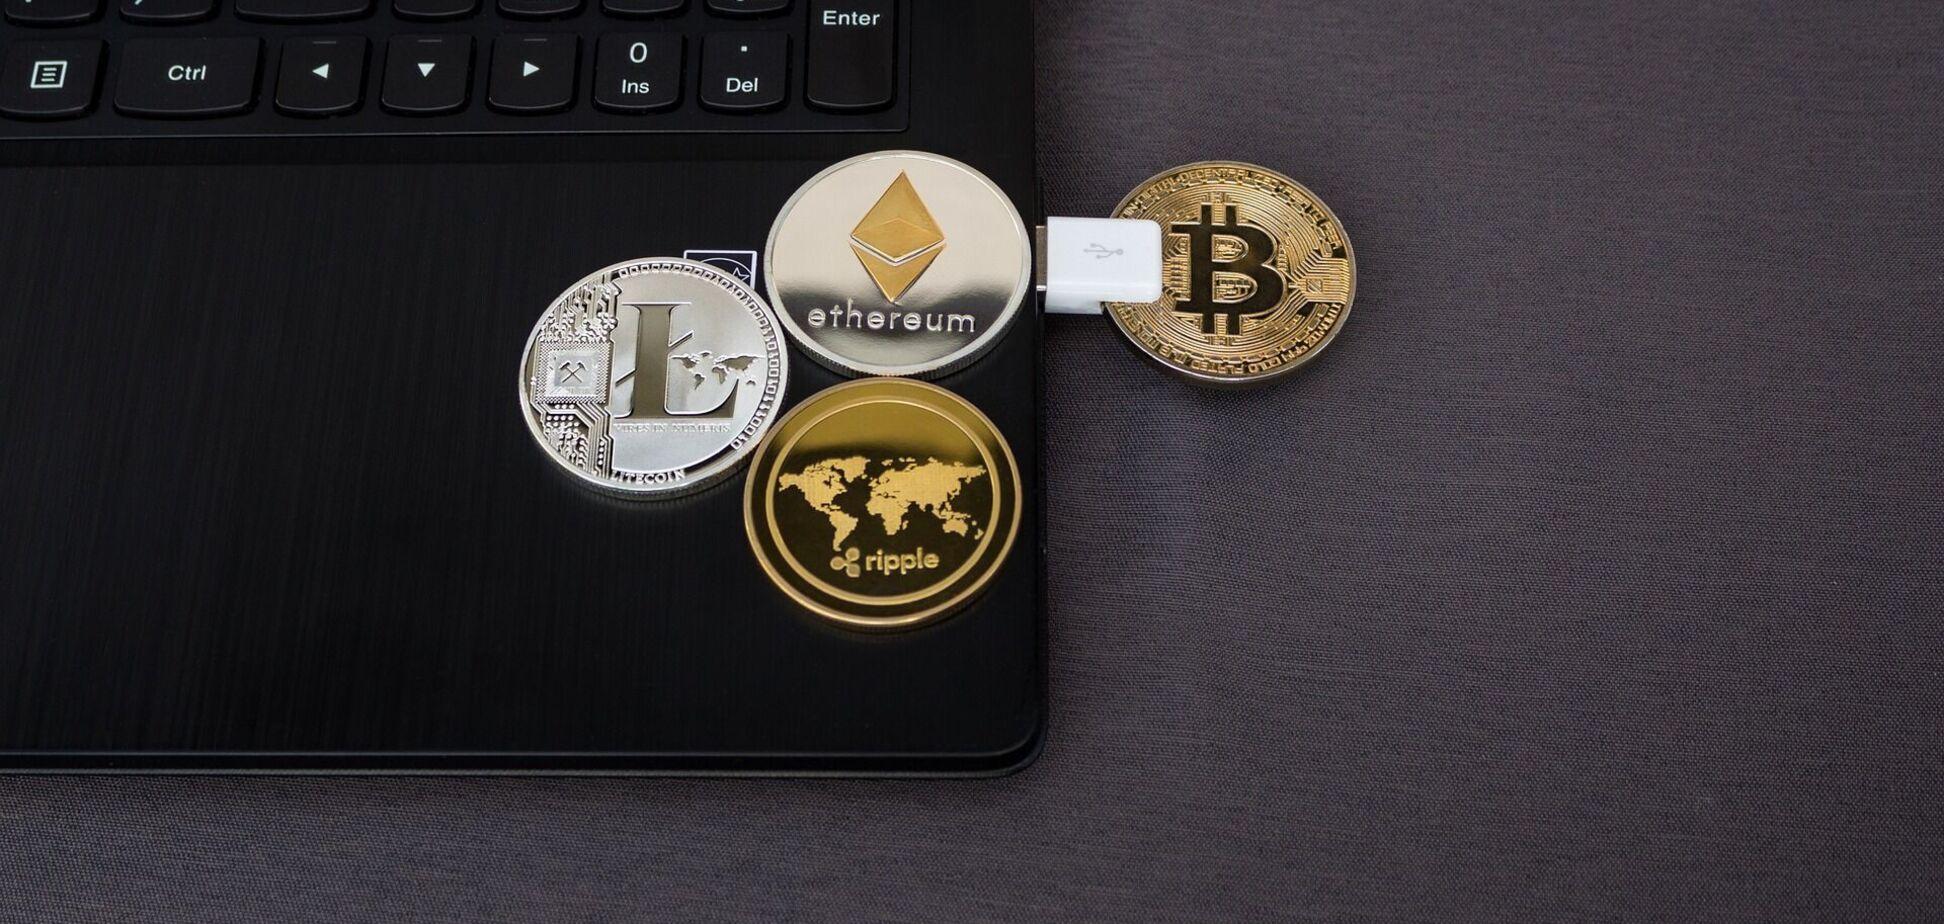 Опасно ли вкладывать деньги в криптовалюту: анализ эксперта